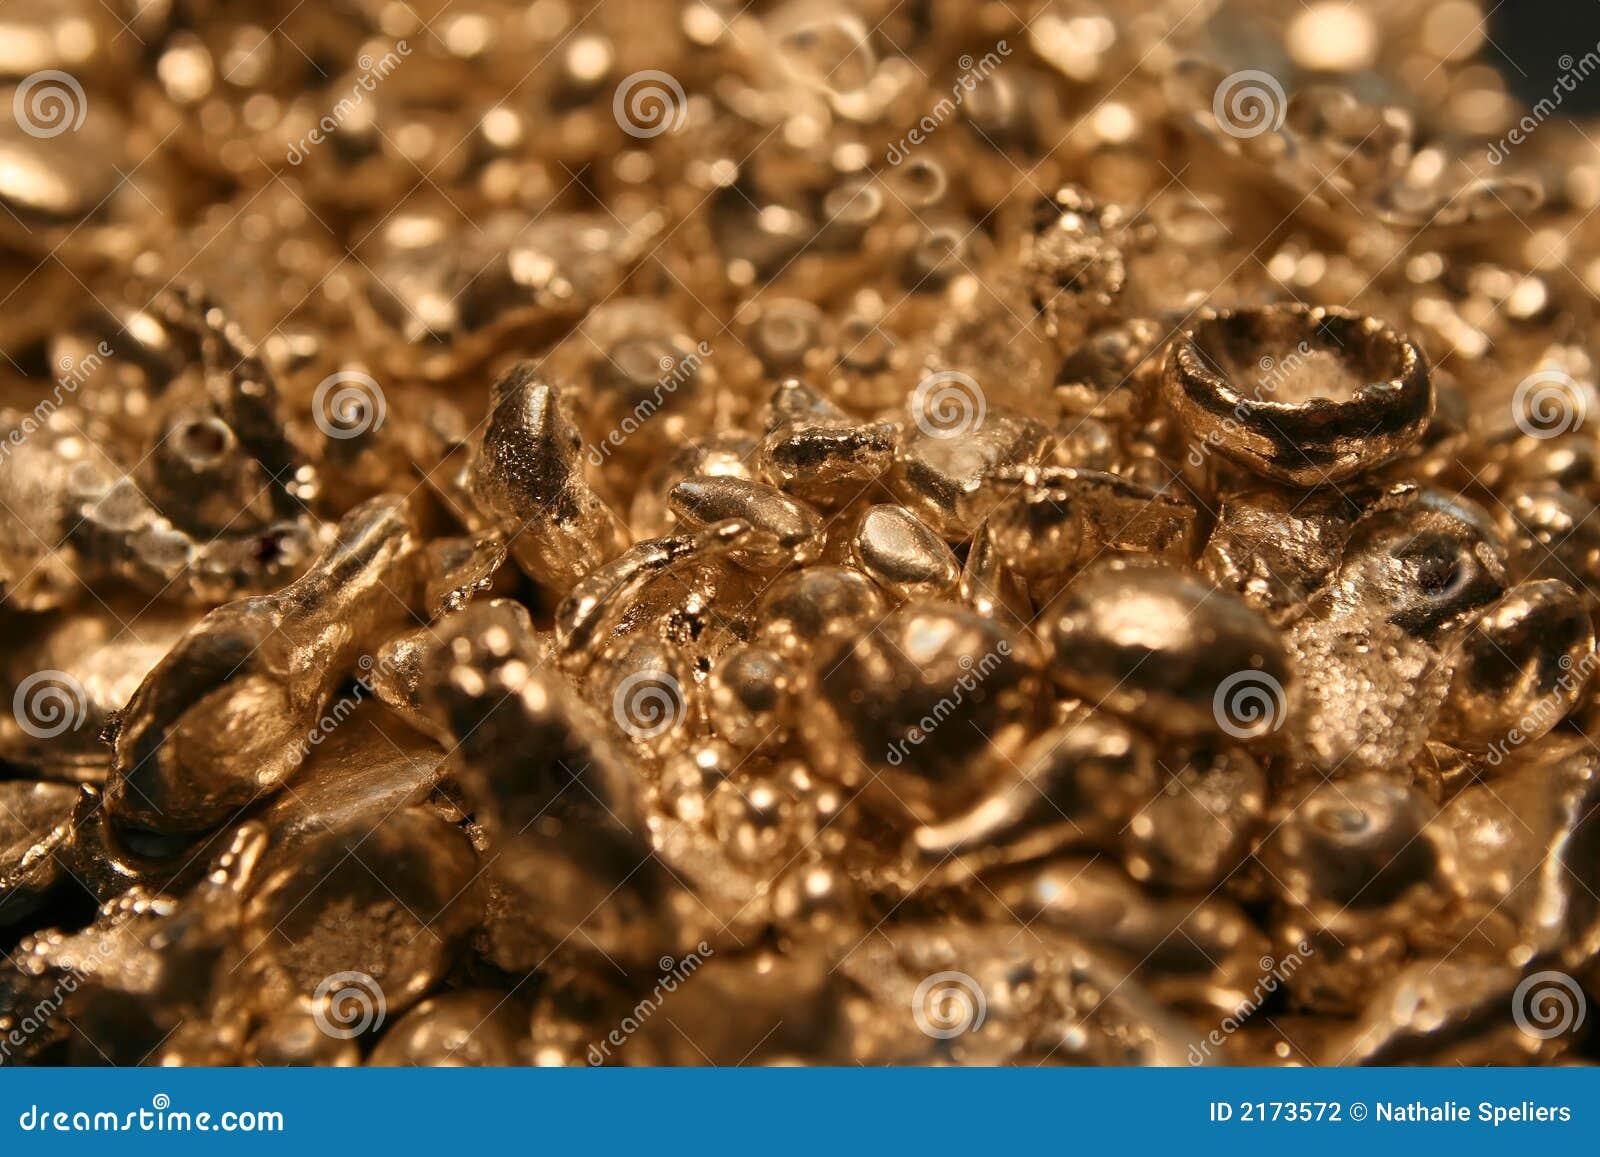 La imagen macra de las pepitas de oro del los joyeros esconde. Ésta ...